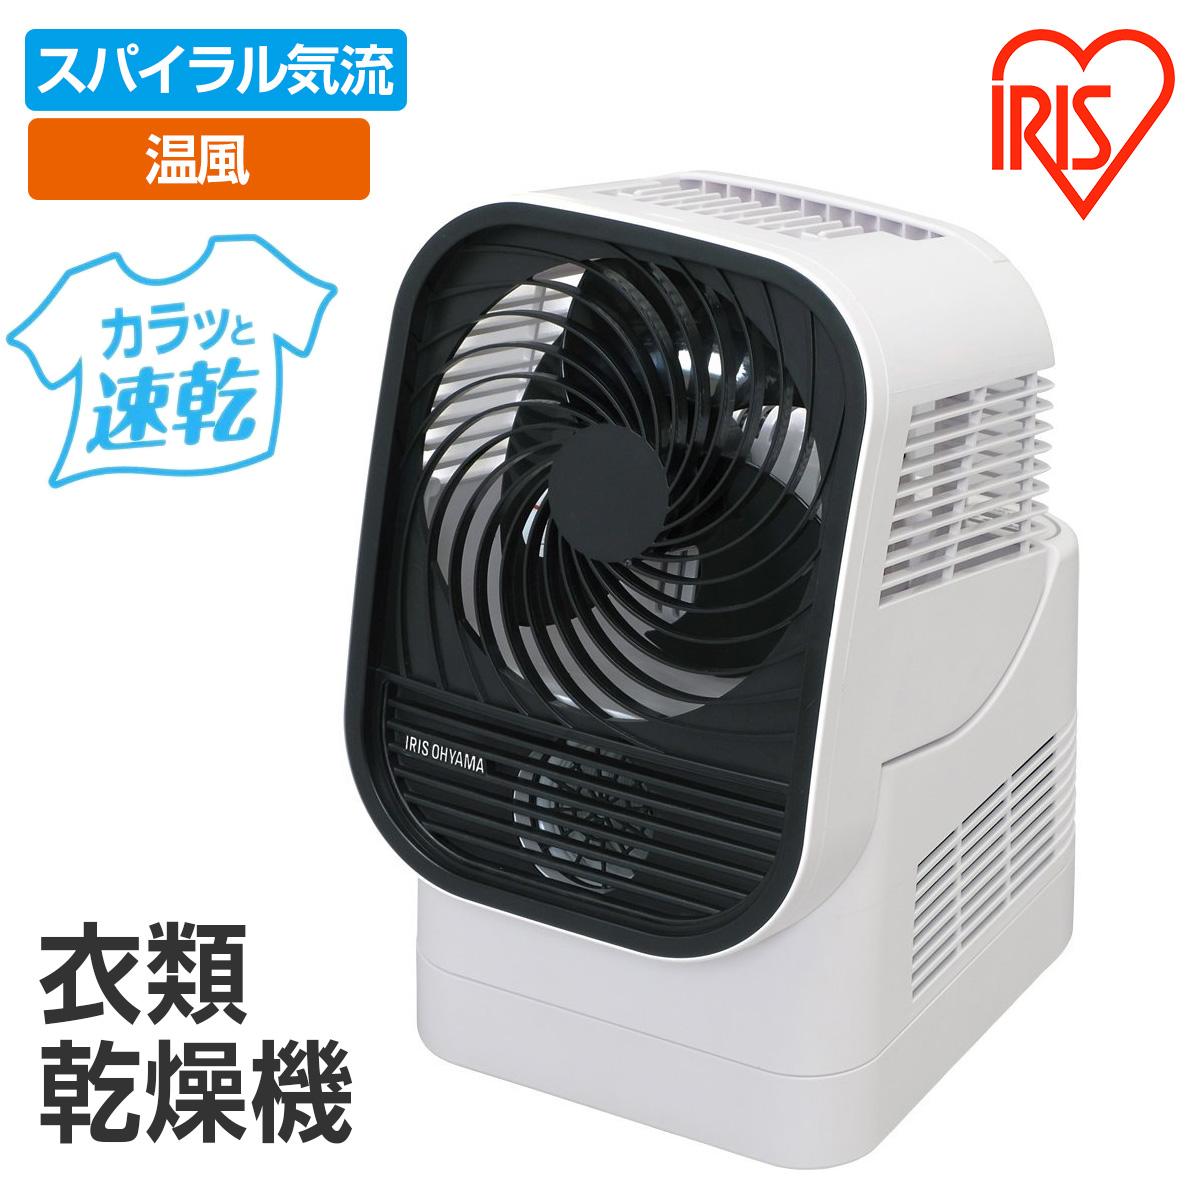 【送料込】 アイリスオーヤマ 衣類乾燥機 カラリエ IK-C500 温風 サーキュレーター スパイラル気流 室内干し 梅雨